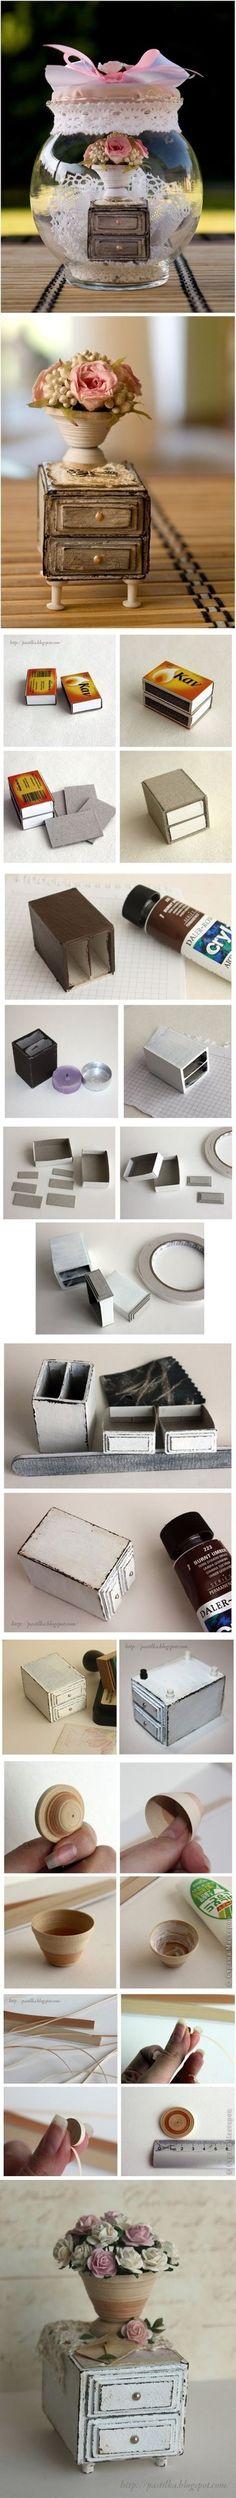 DIY Matchboxes Furniture DIY Matchboxes Furniture by diyforever